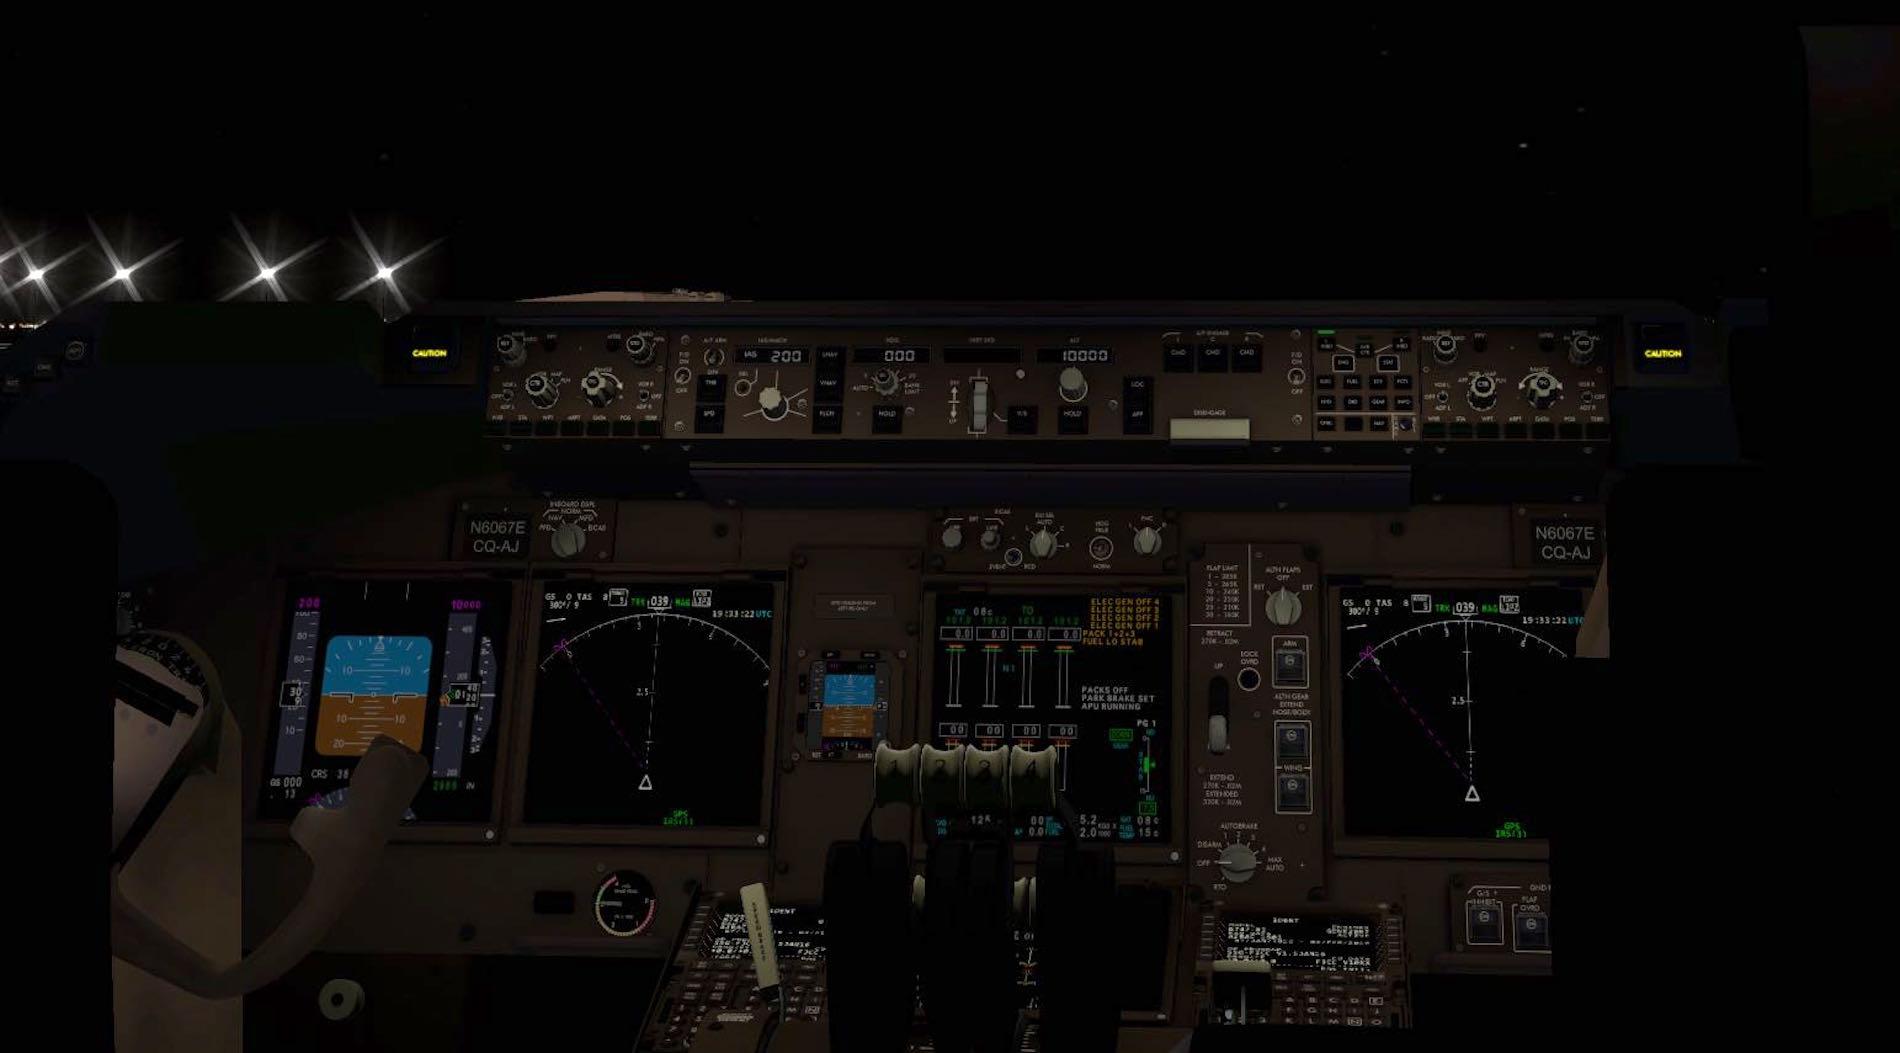 ssg-748i-00019